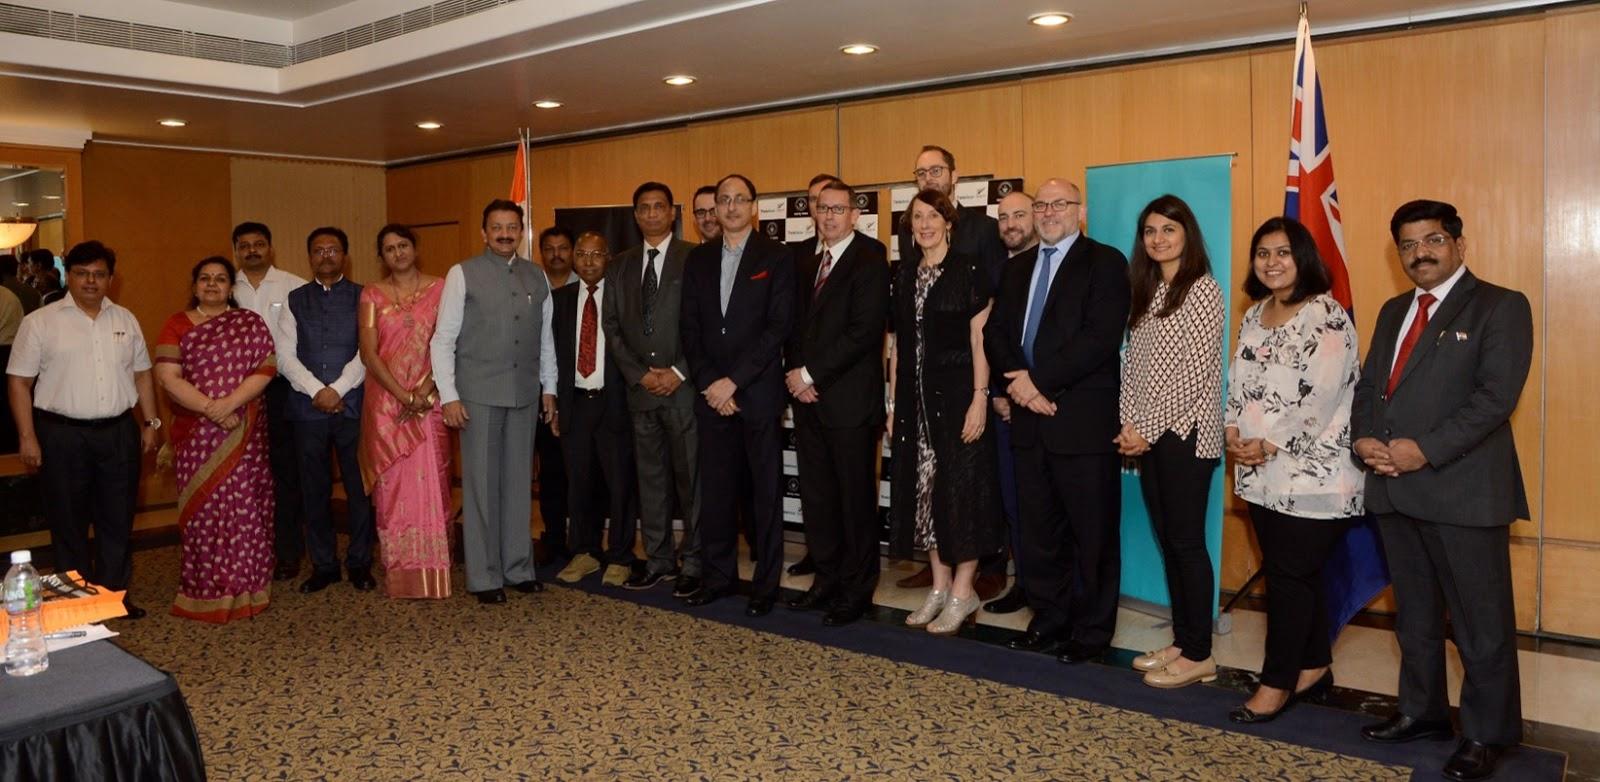 Maharashtra Goverment and New Zealand at the India Strategic Education P...